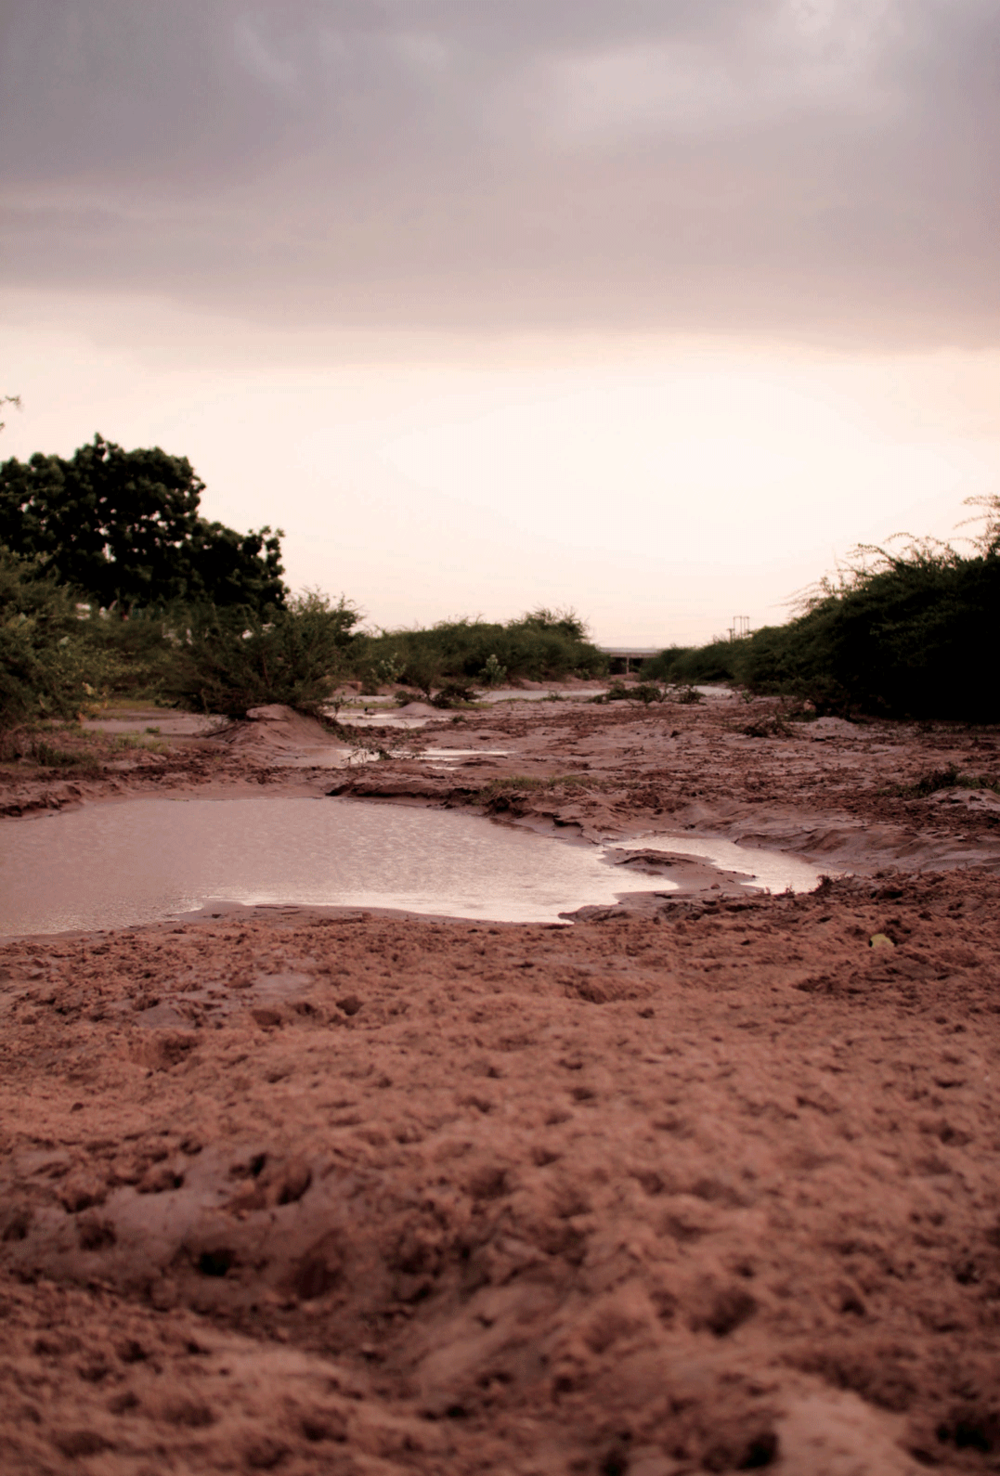 River Saran, Dhamadka, 2013